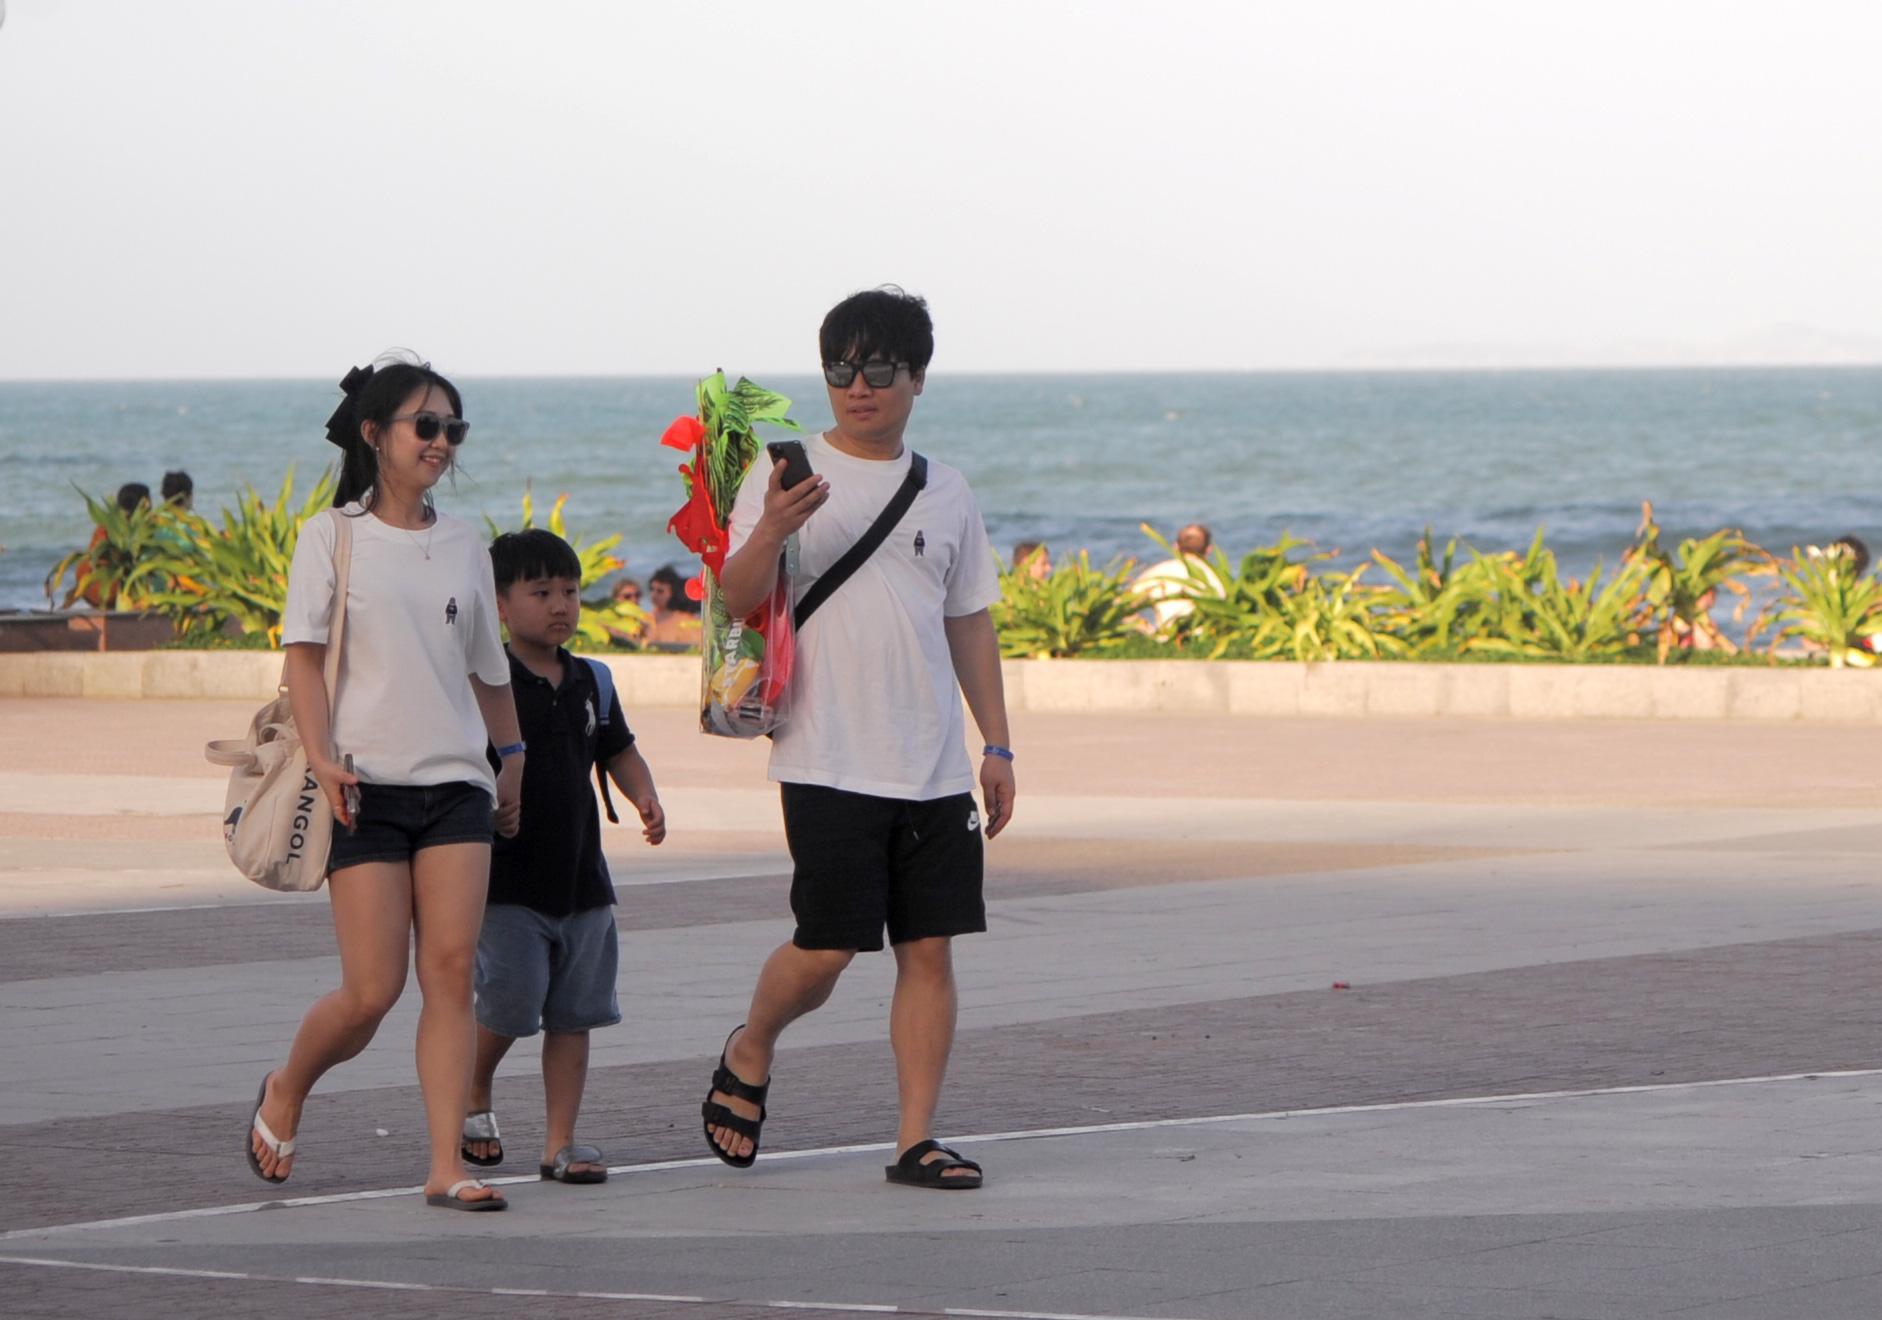 Khánh Hòa: Gửi văn bản hướng dẫn công bố hết dịch, tạm ngừng đường bay Deagu - Hàn Quốc - Ảnh 2.